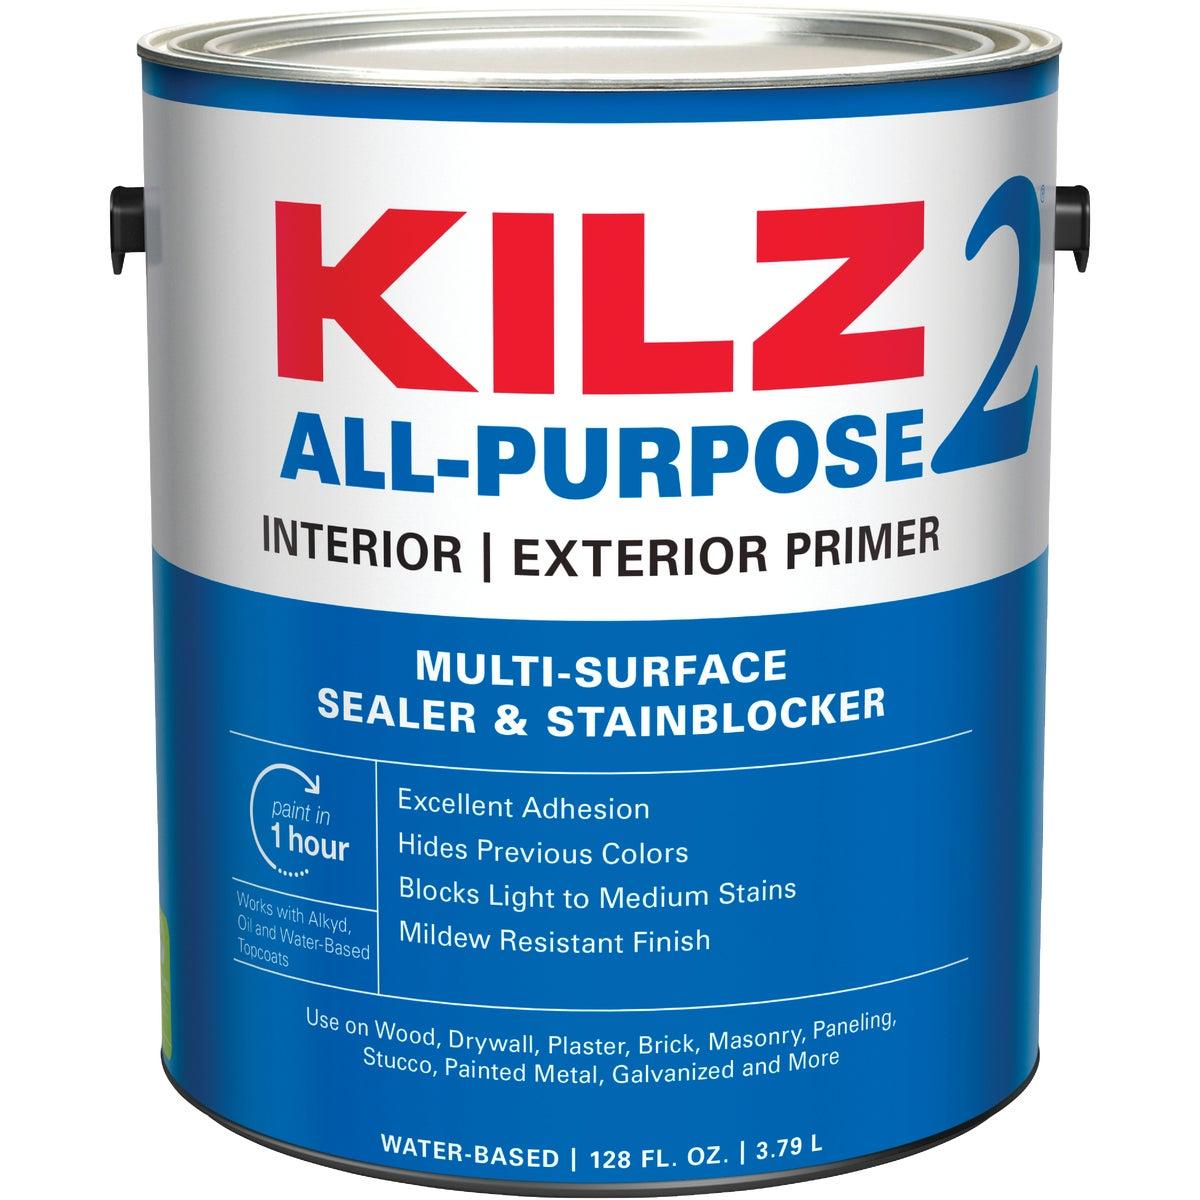 KILZ 2 INT/EX LTX PRIMER - 20041 by Masterchem